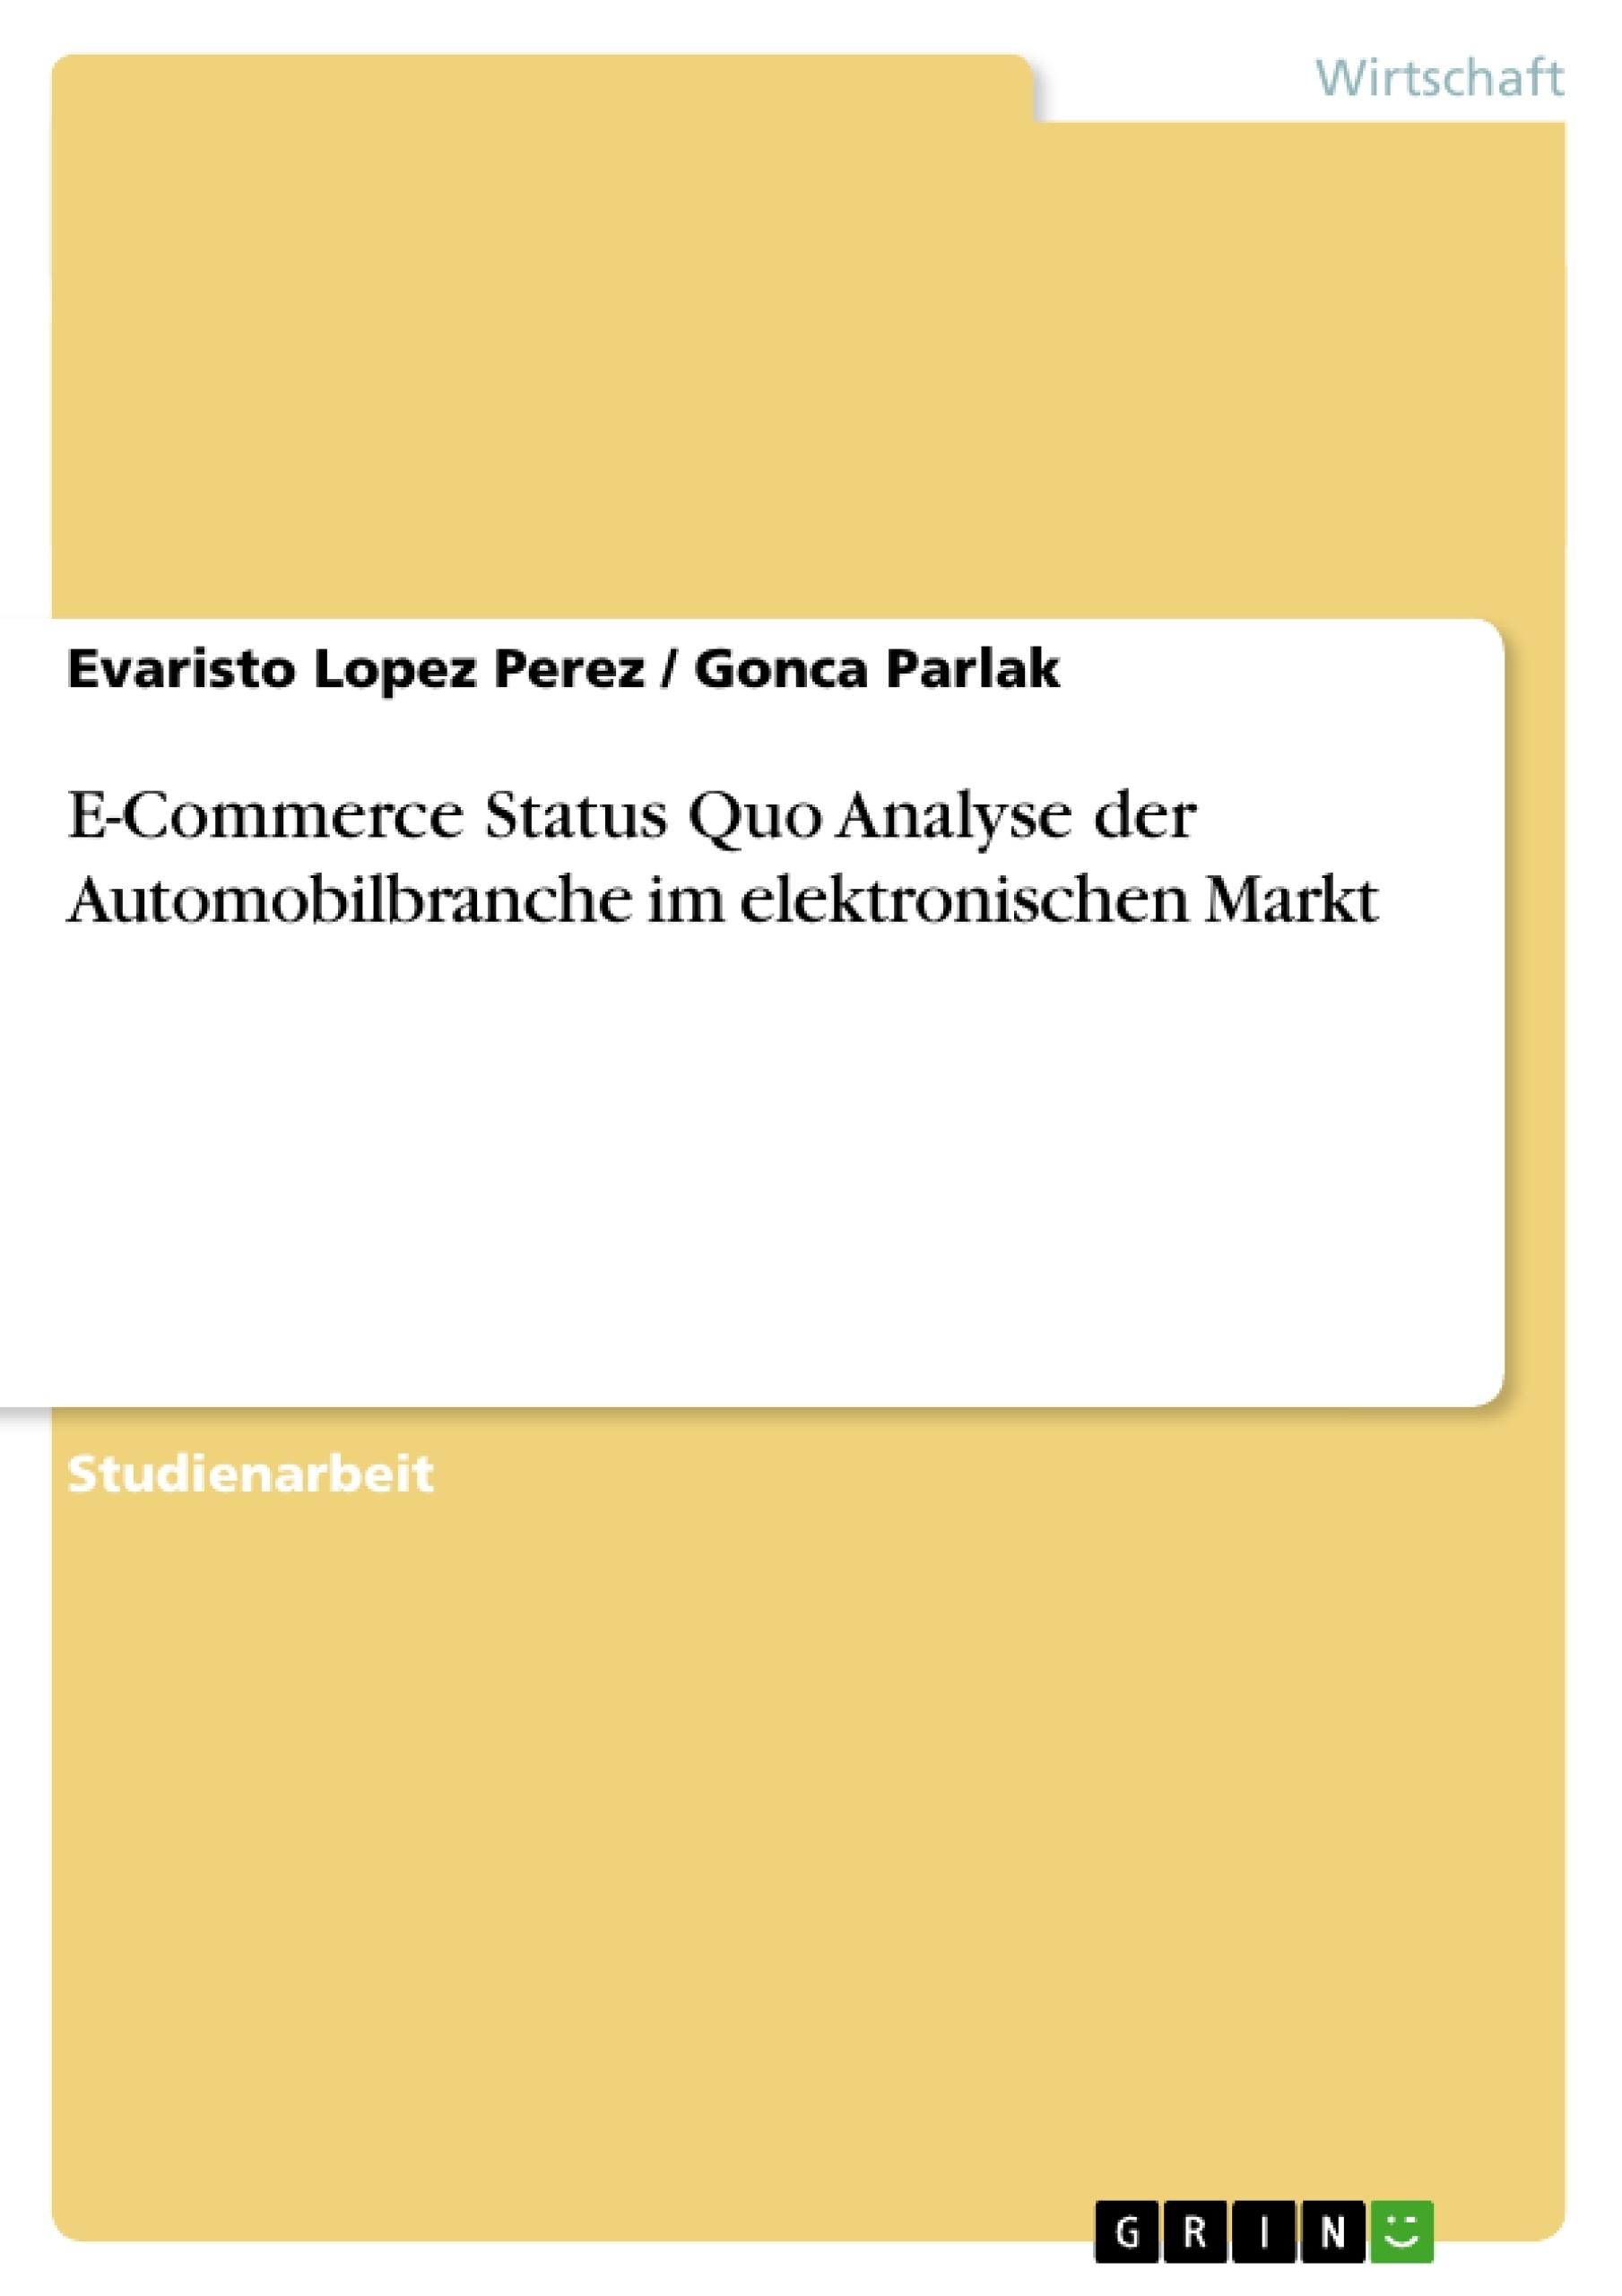 Titel: E-Commerce Status Quo Analyse der Automobilbranche im elektronischen Markt